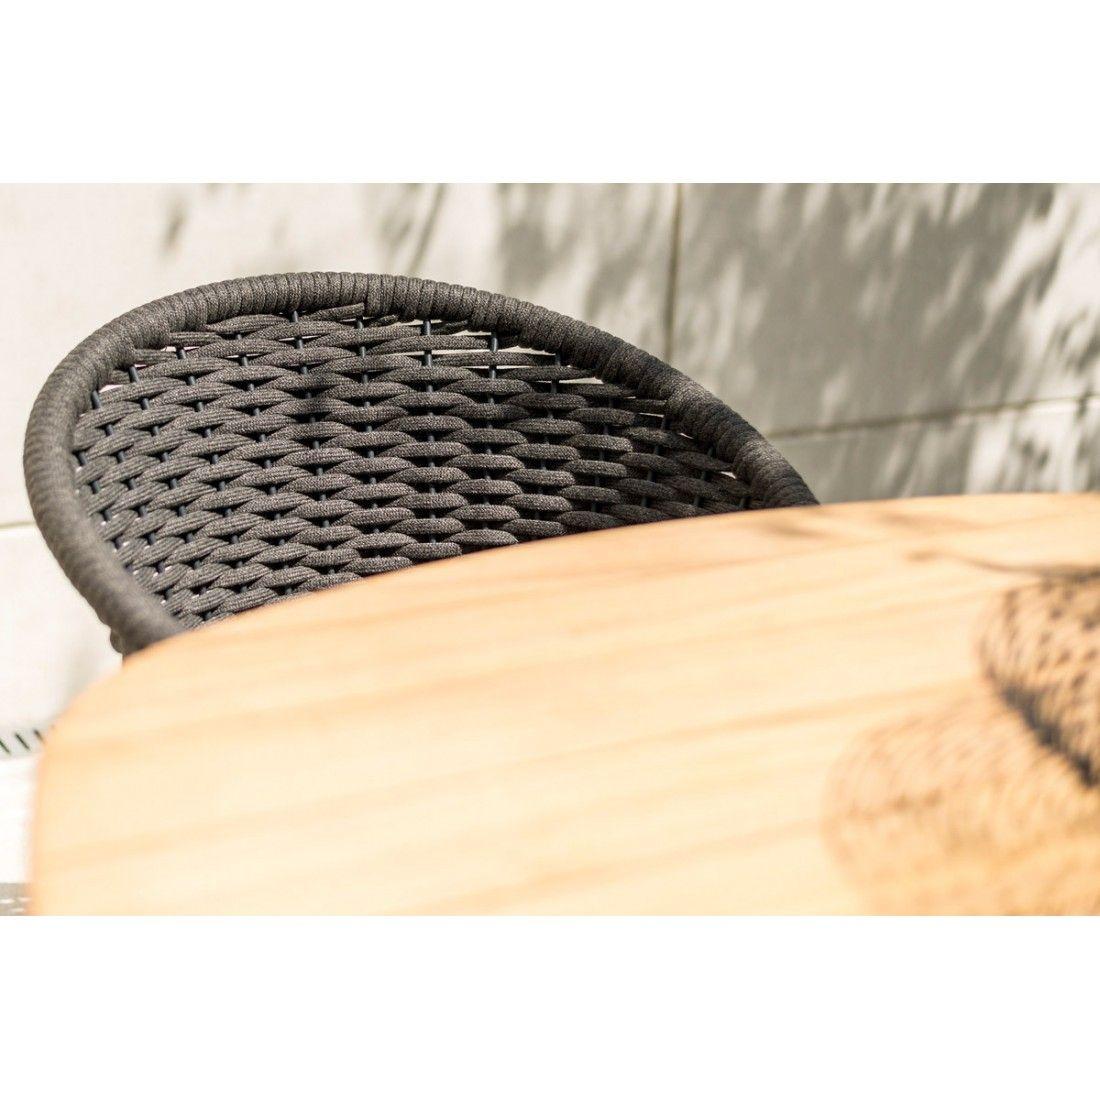 Fauteuil de table en alu et cordage tressé gris anthracite, Cordial de Alexander Rose